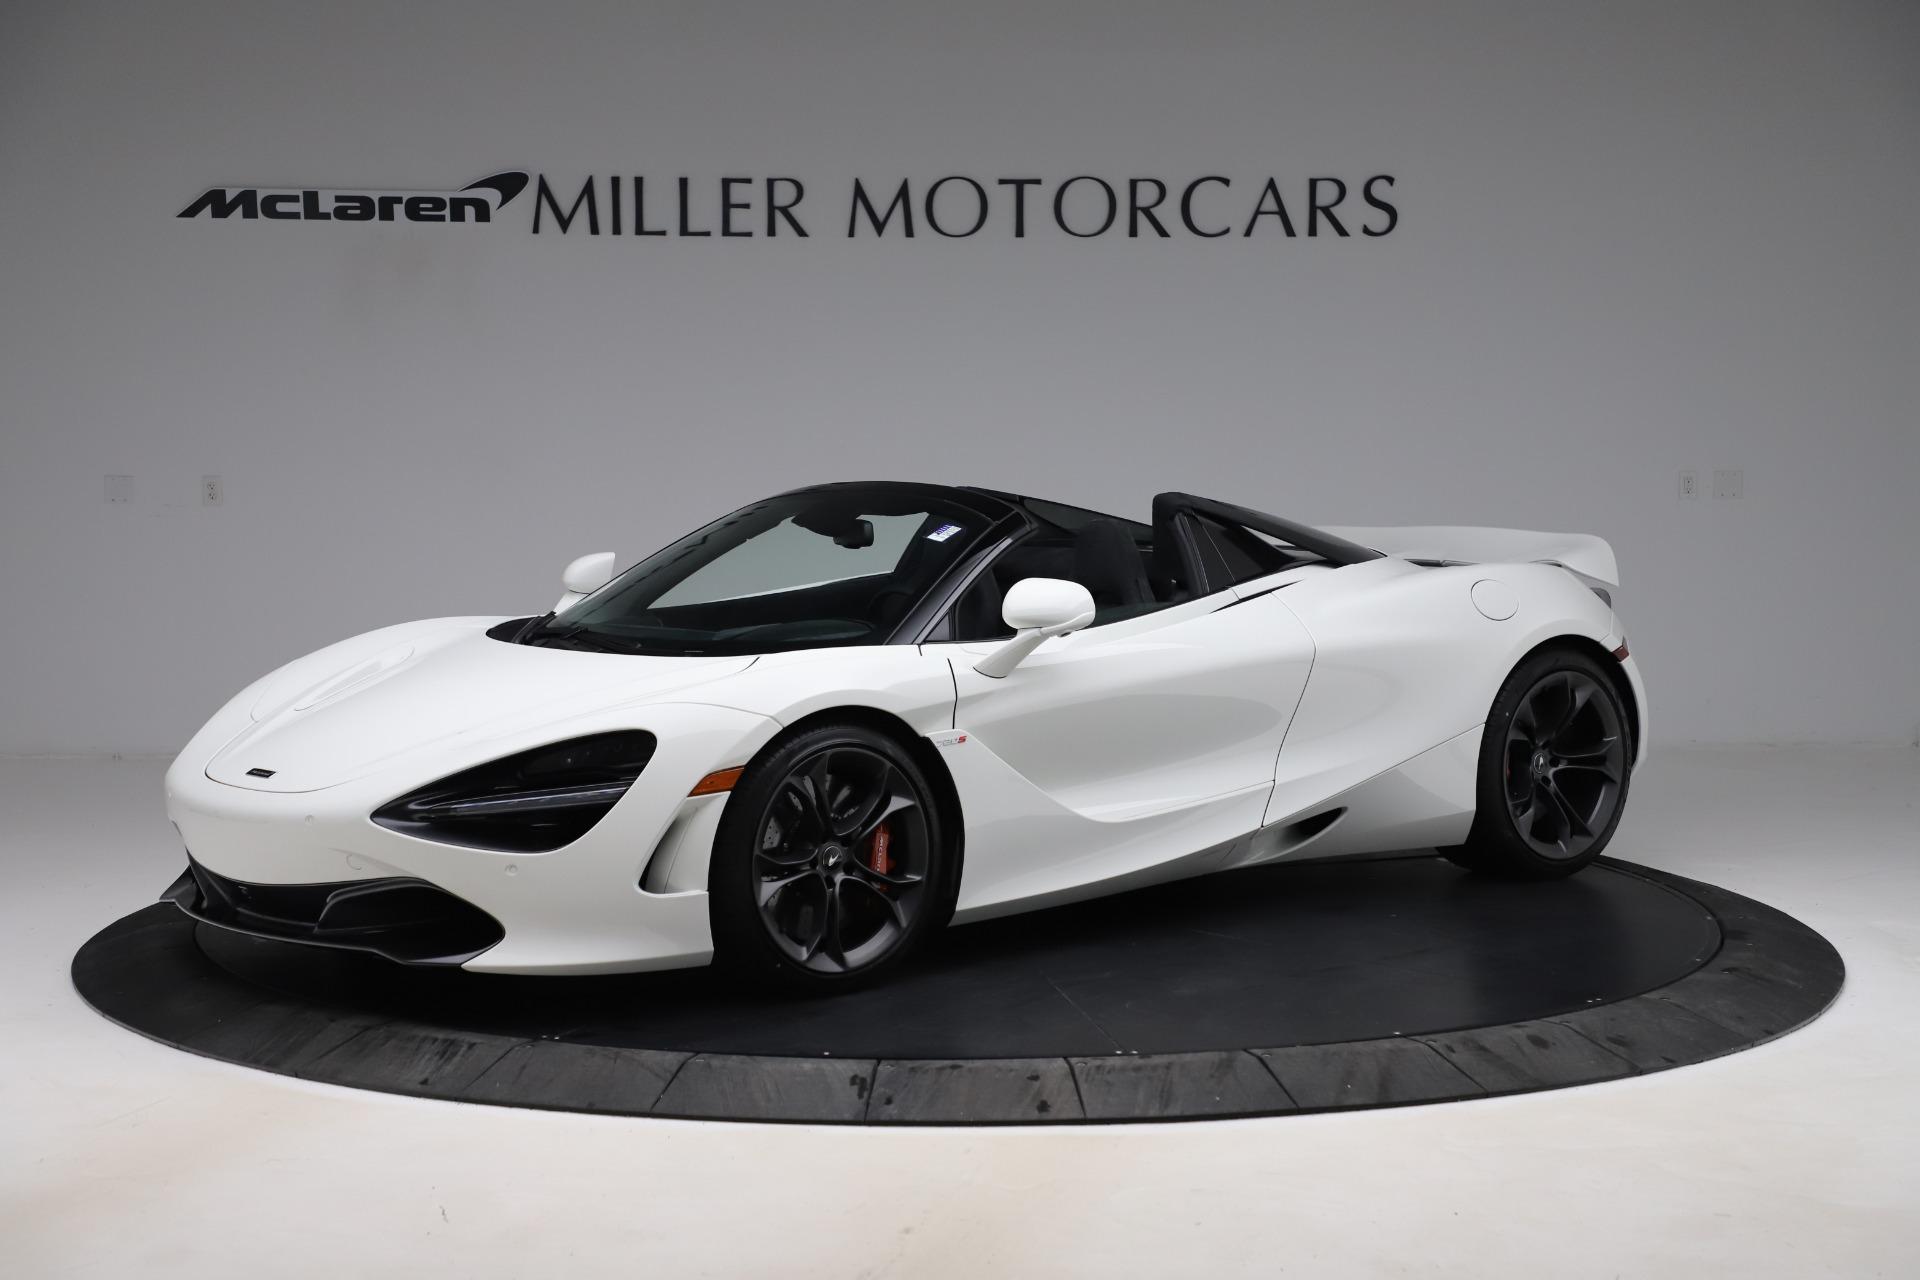 New 2020 McLaren 720S Spider Convertible for sale Sold at Maserati of Westport in Westport CT 06880 1